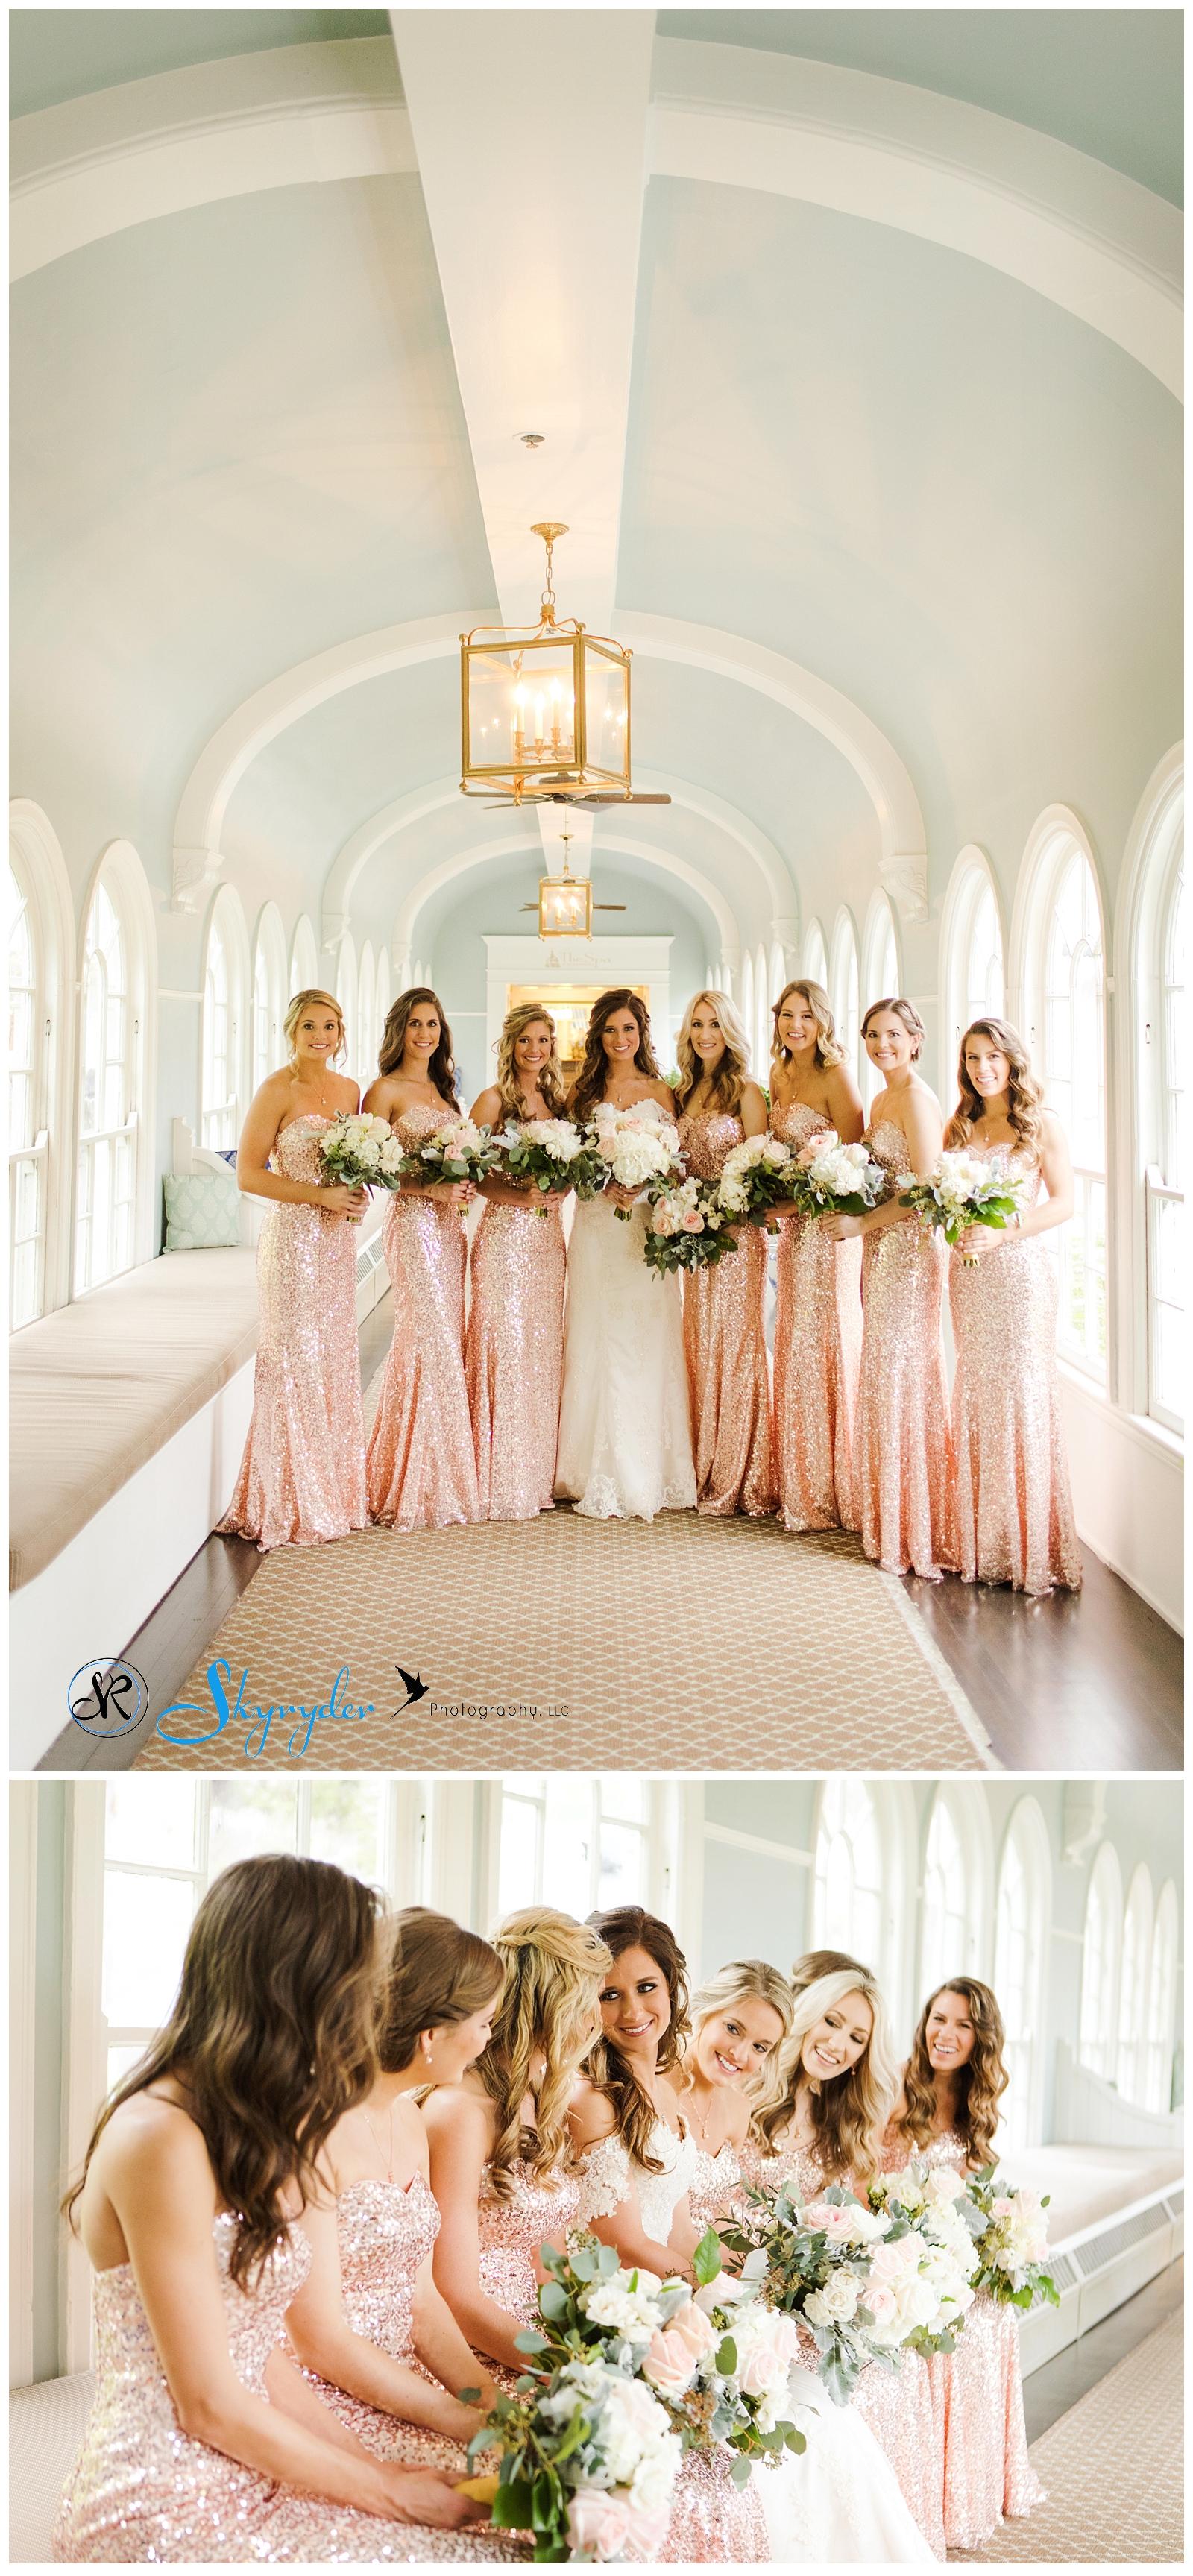 Amazing rose blush sequined bridesmaid dresses.